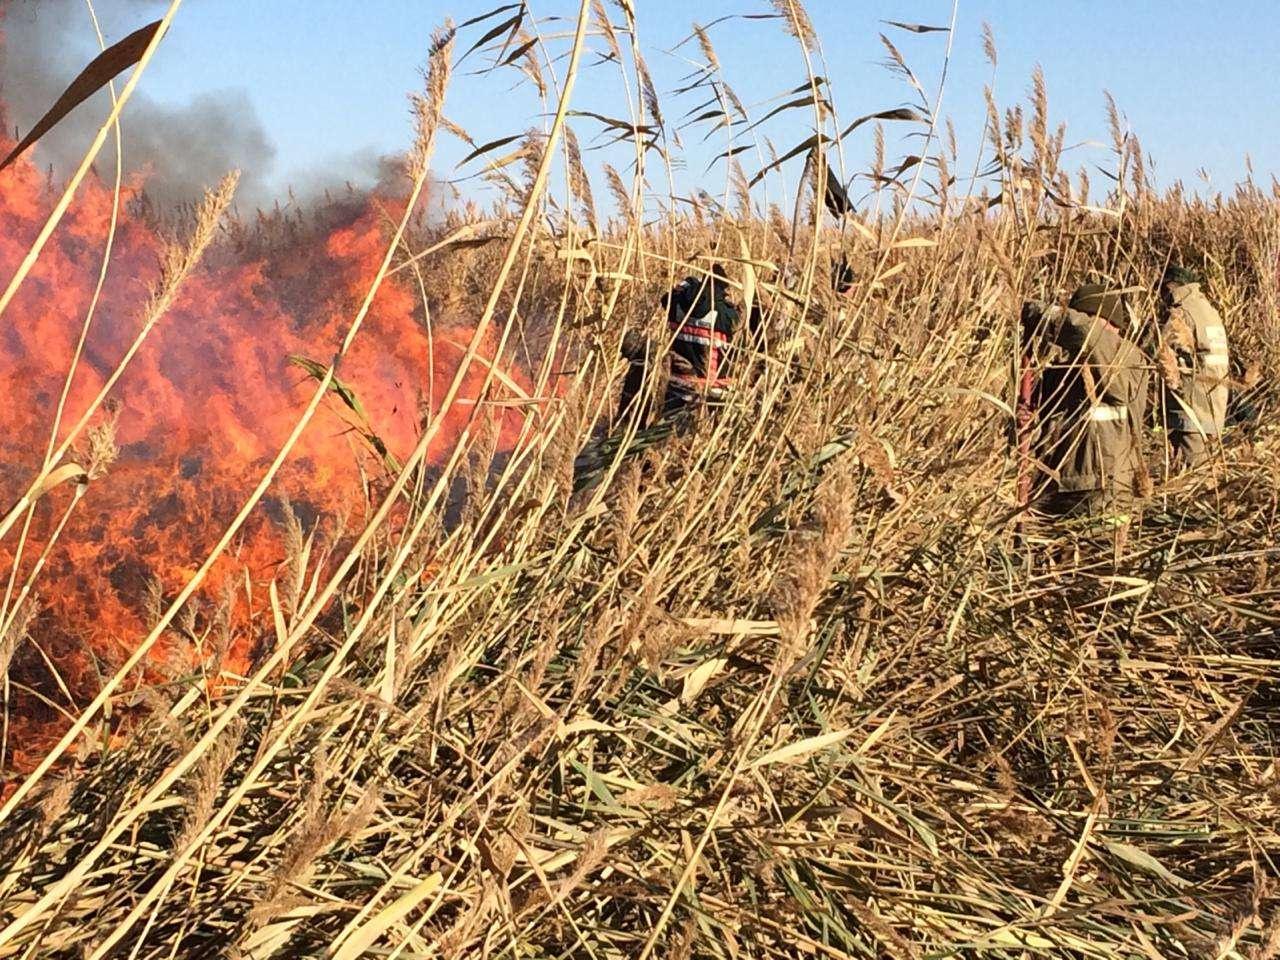 Пять дней тушили пожар на побережье Каспия